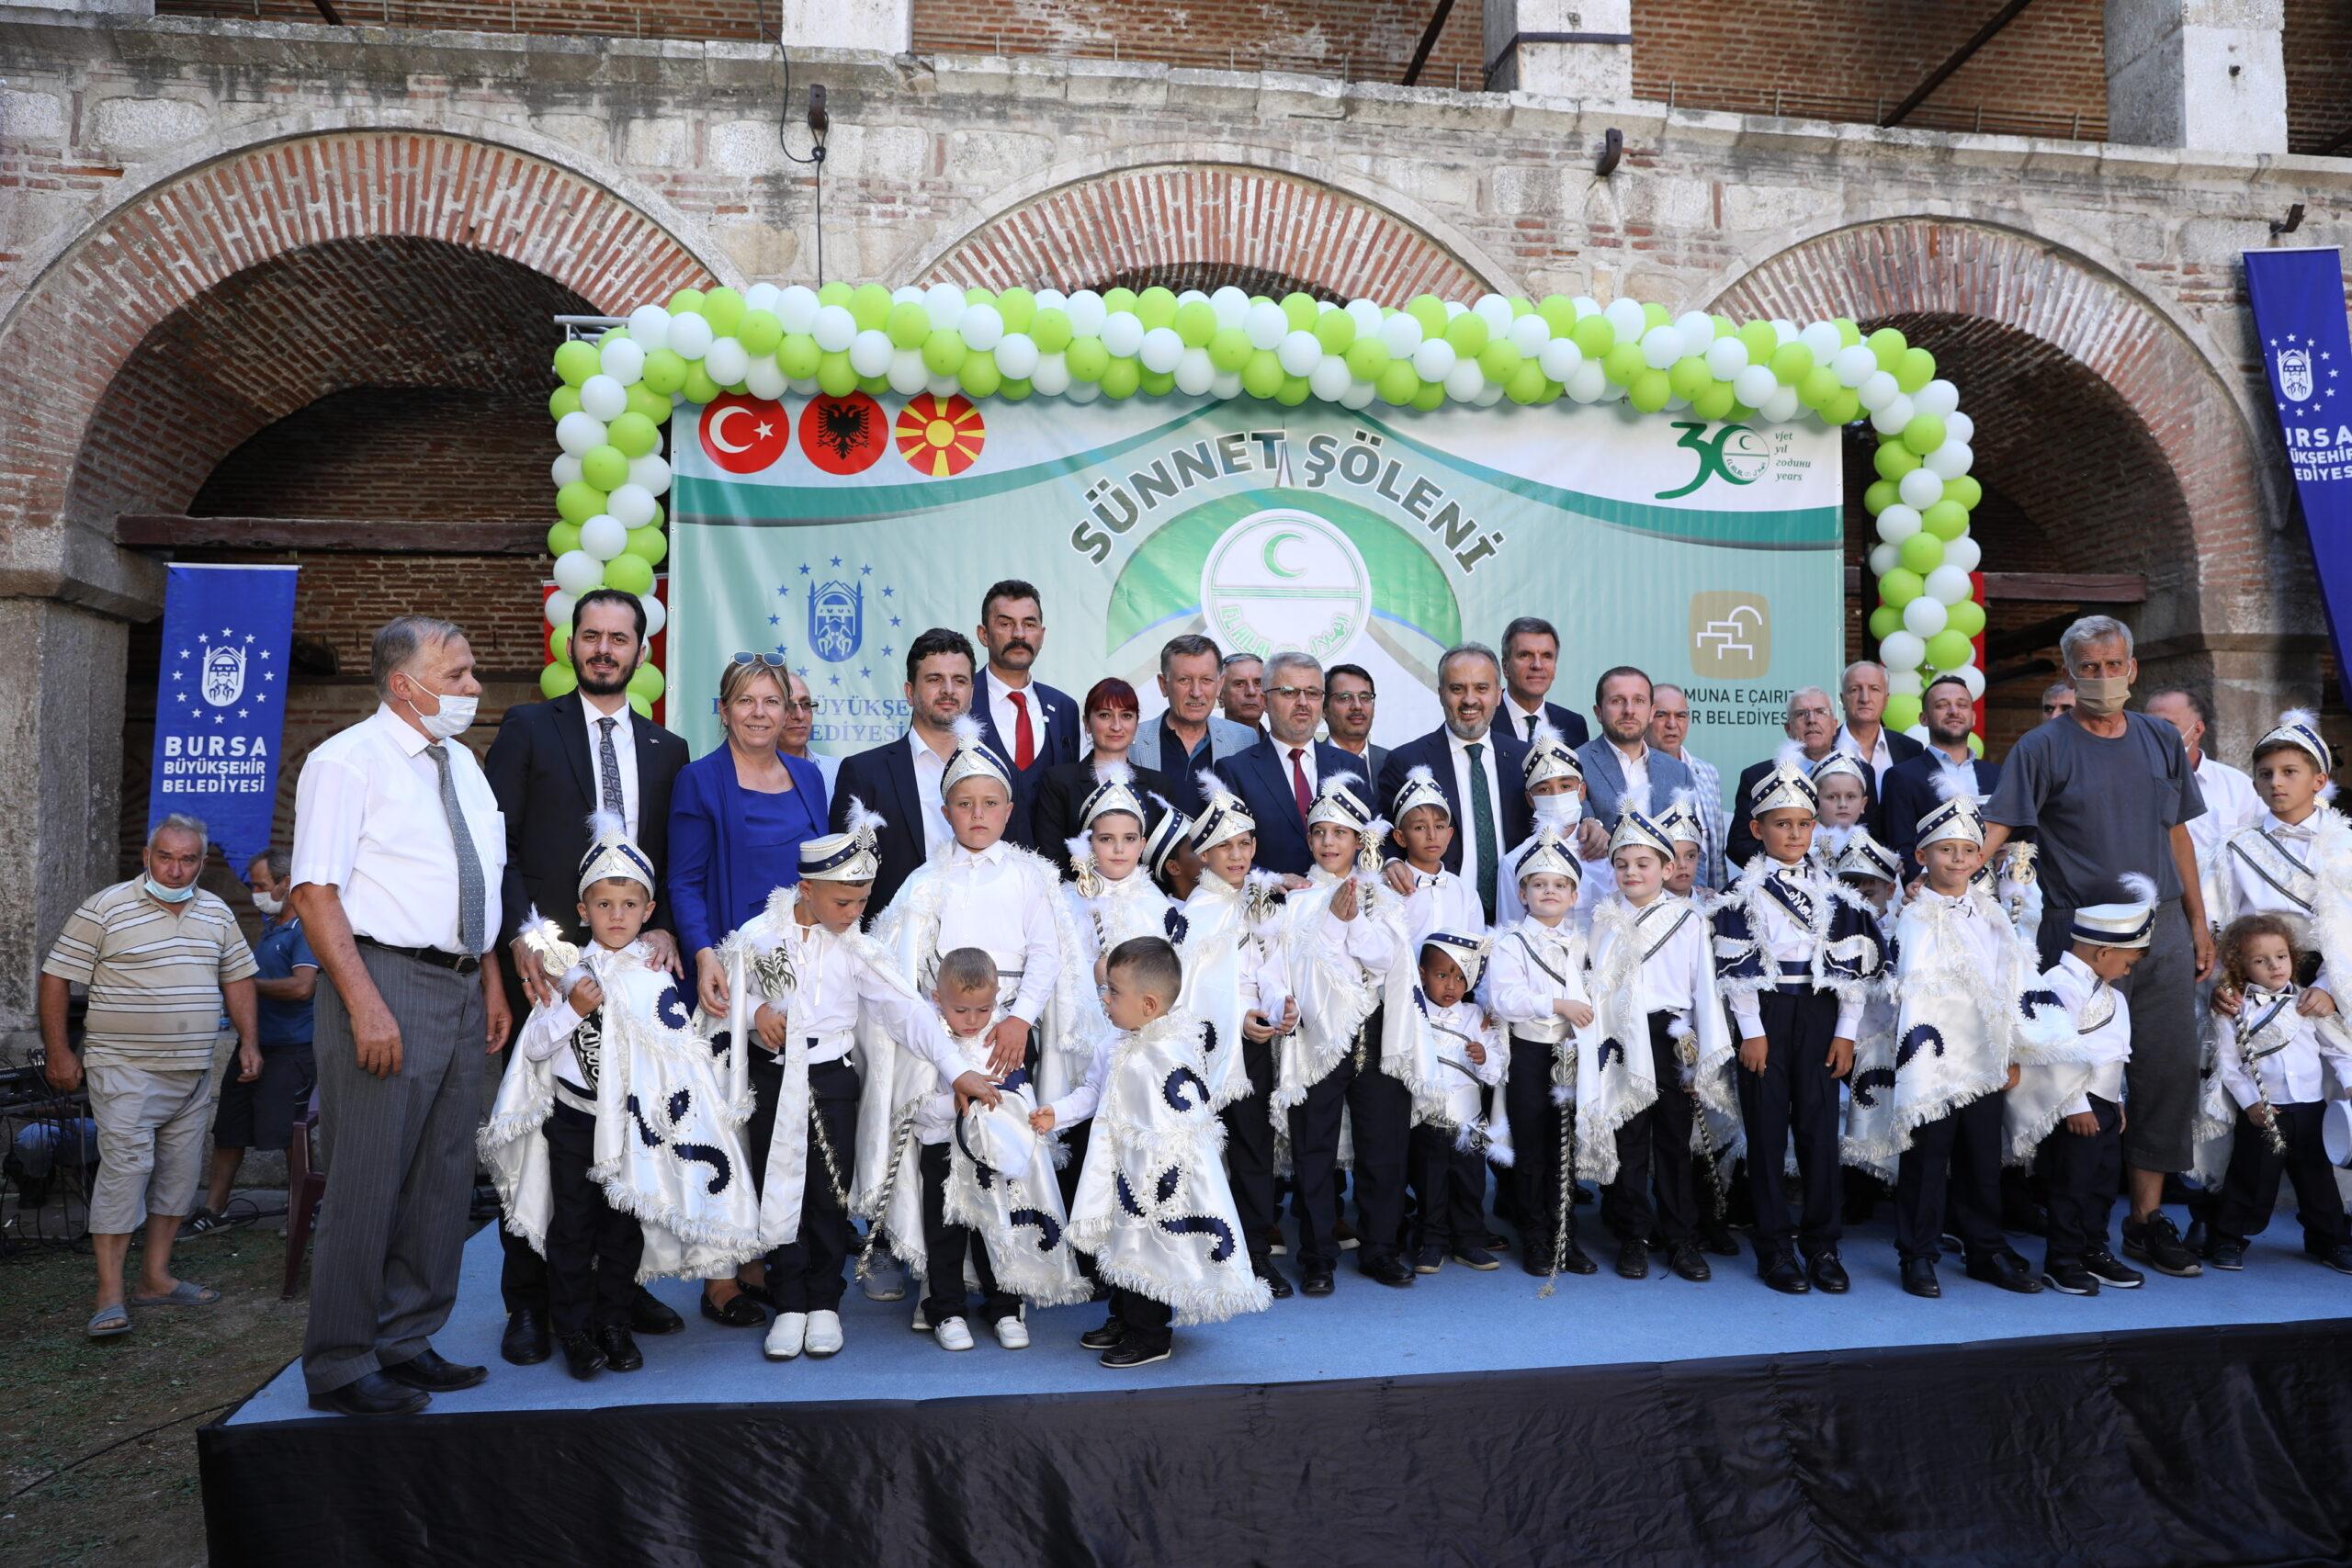 Bursa Büyükşehir Katkılarıyla Kuzey Makedonya'da Sünnet Töreni Düzenlendi